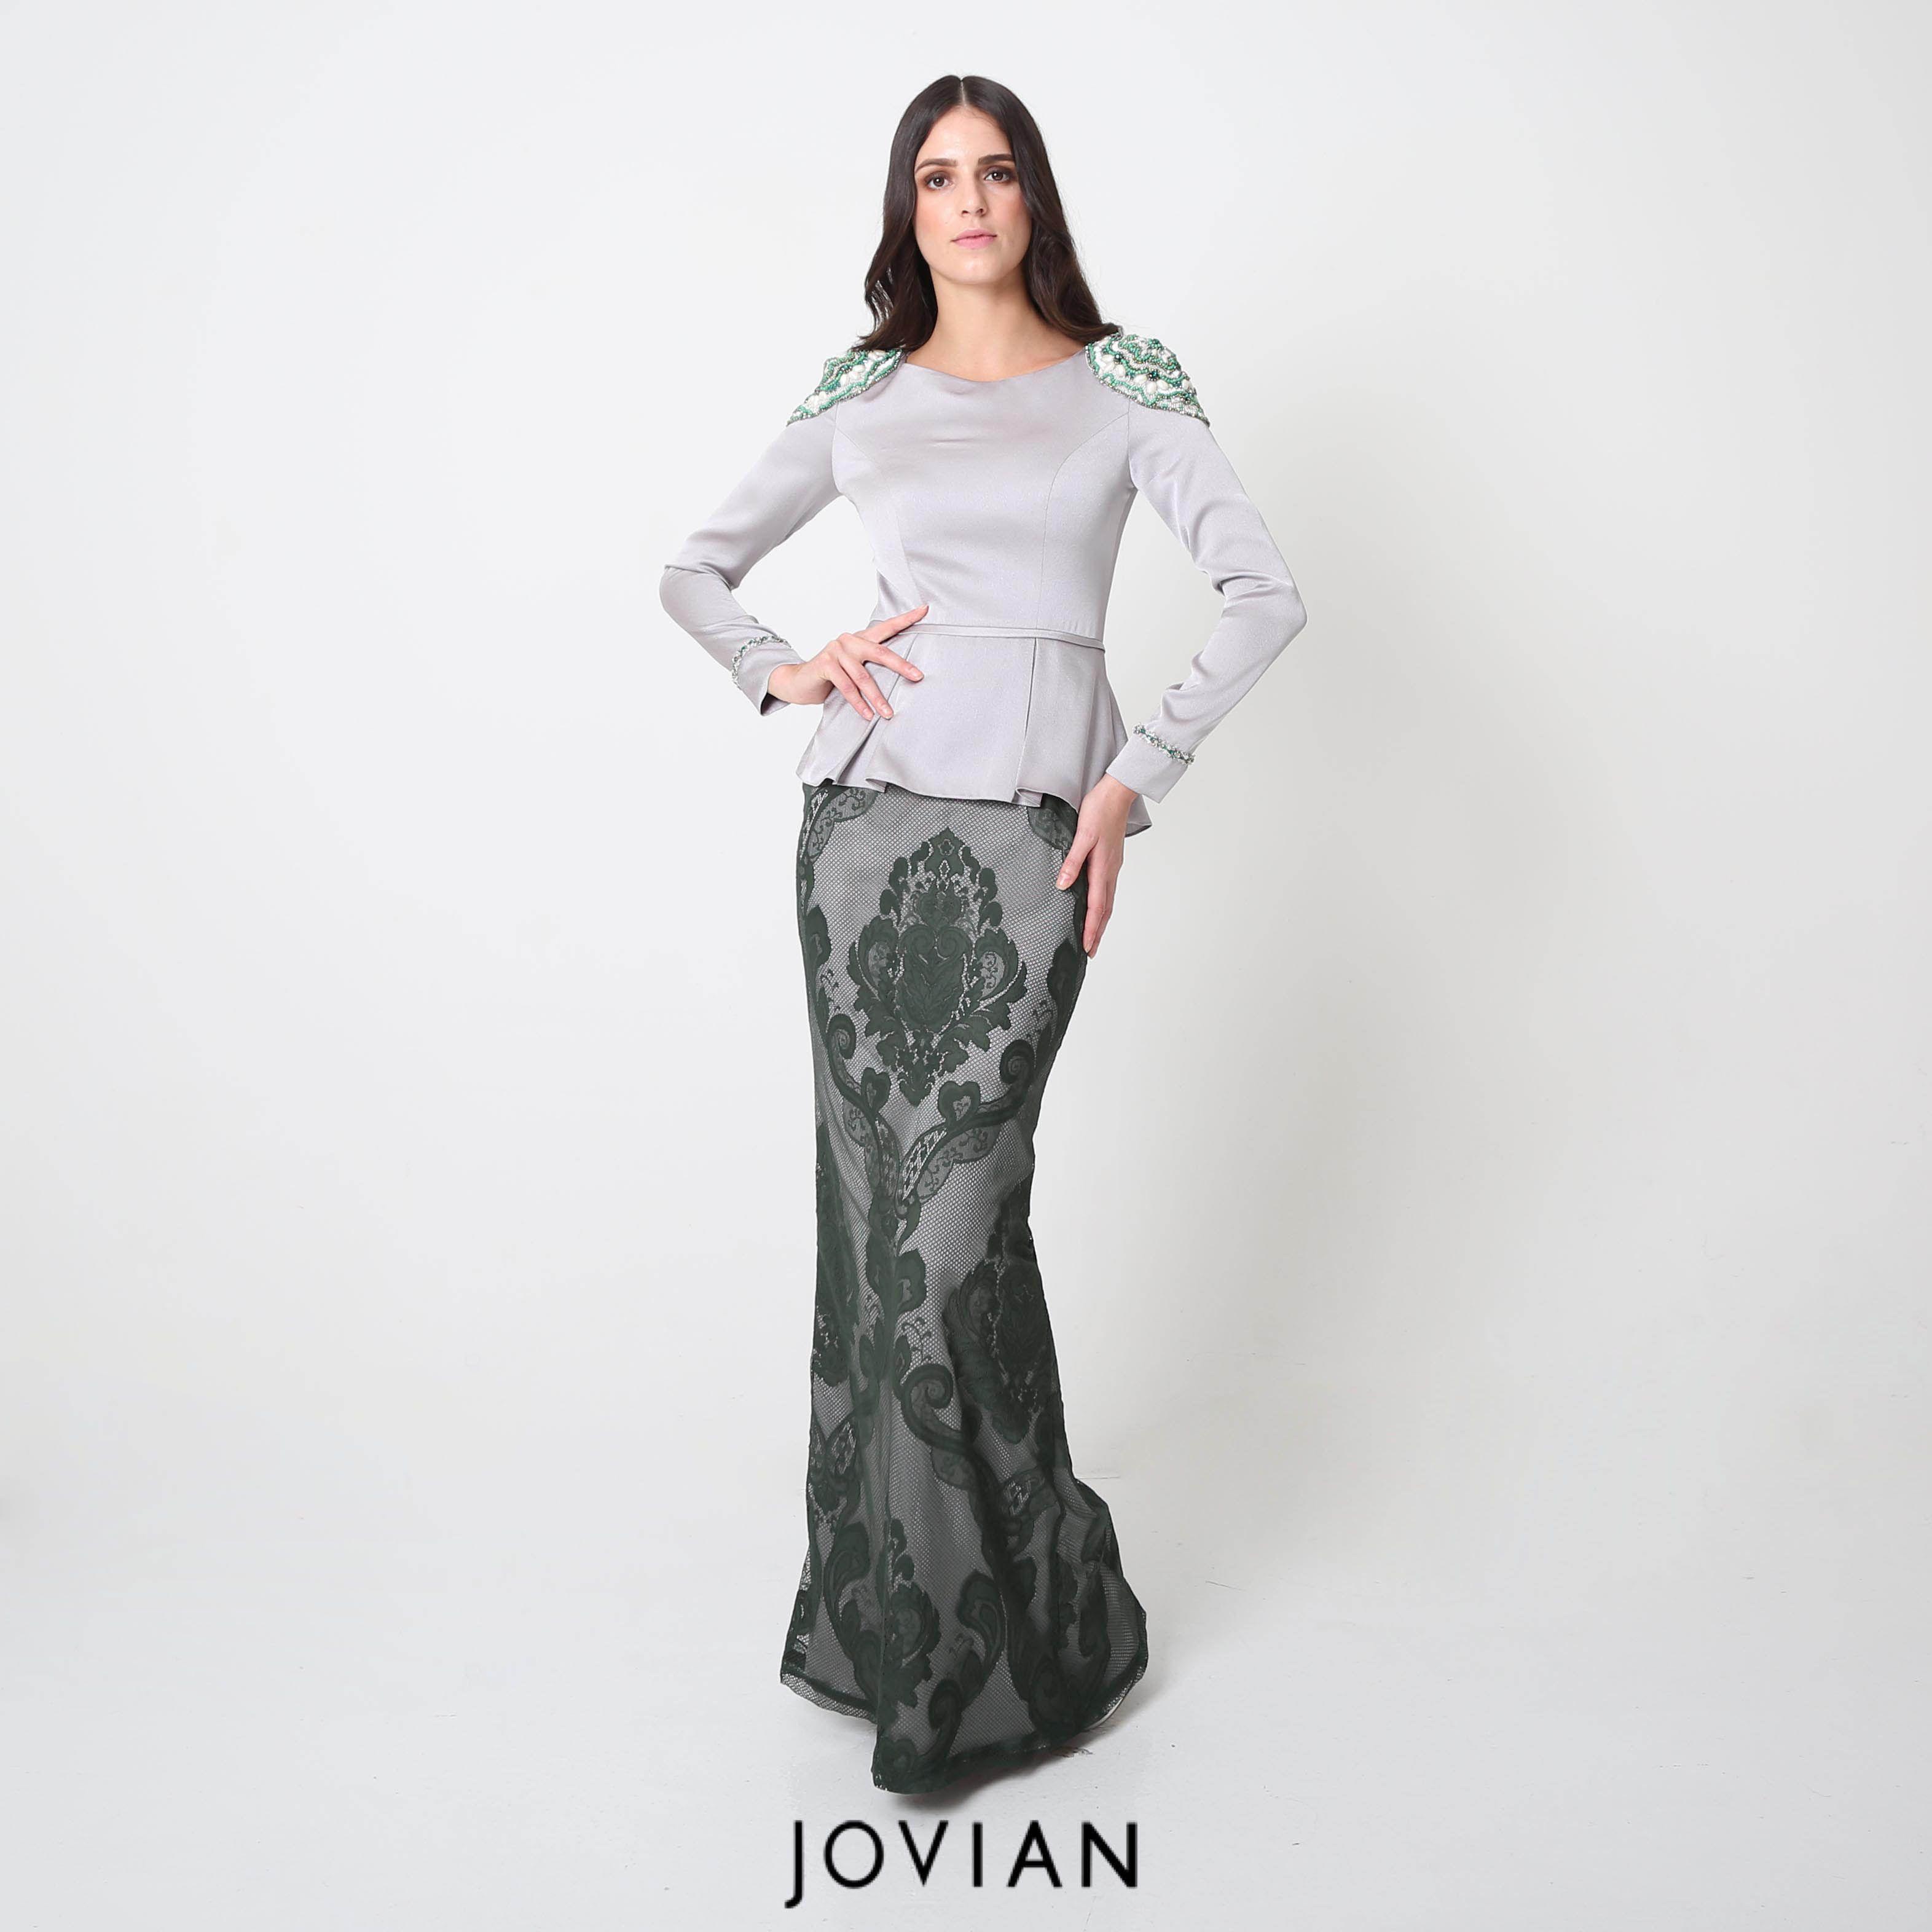 Jovian RTW 2017 Collection JLuxe Raya 2017 Jovian Luxe Baju Kurung Moden